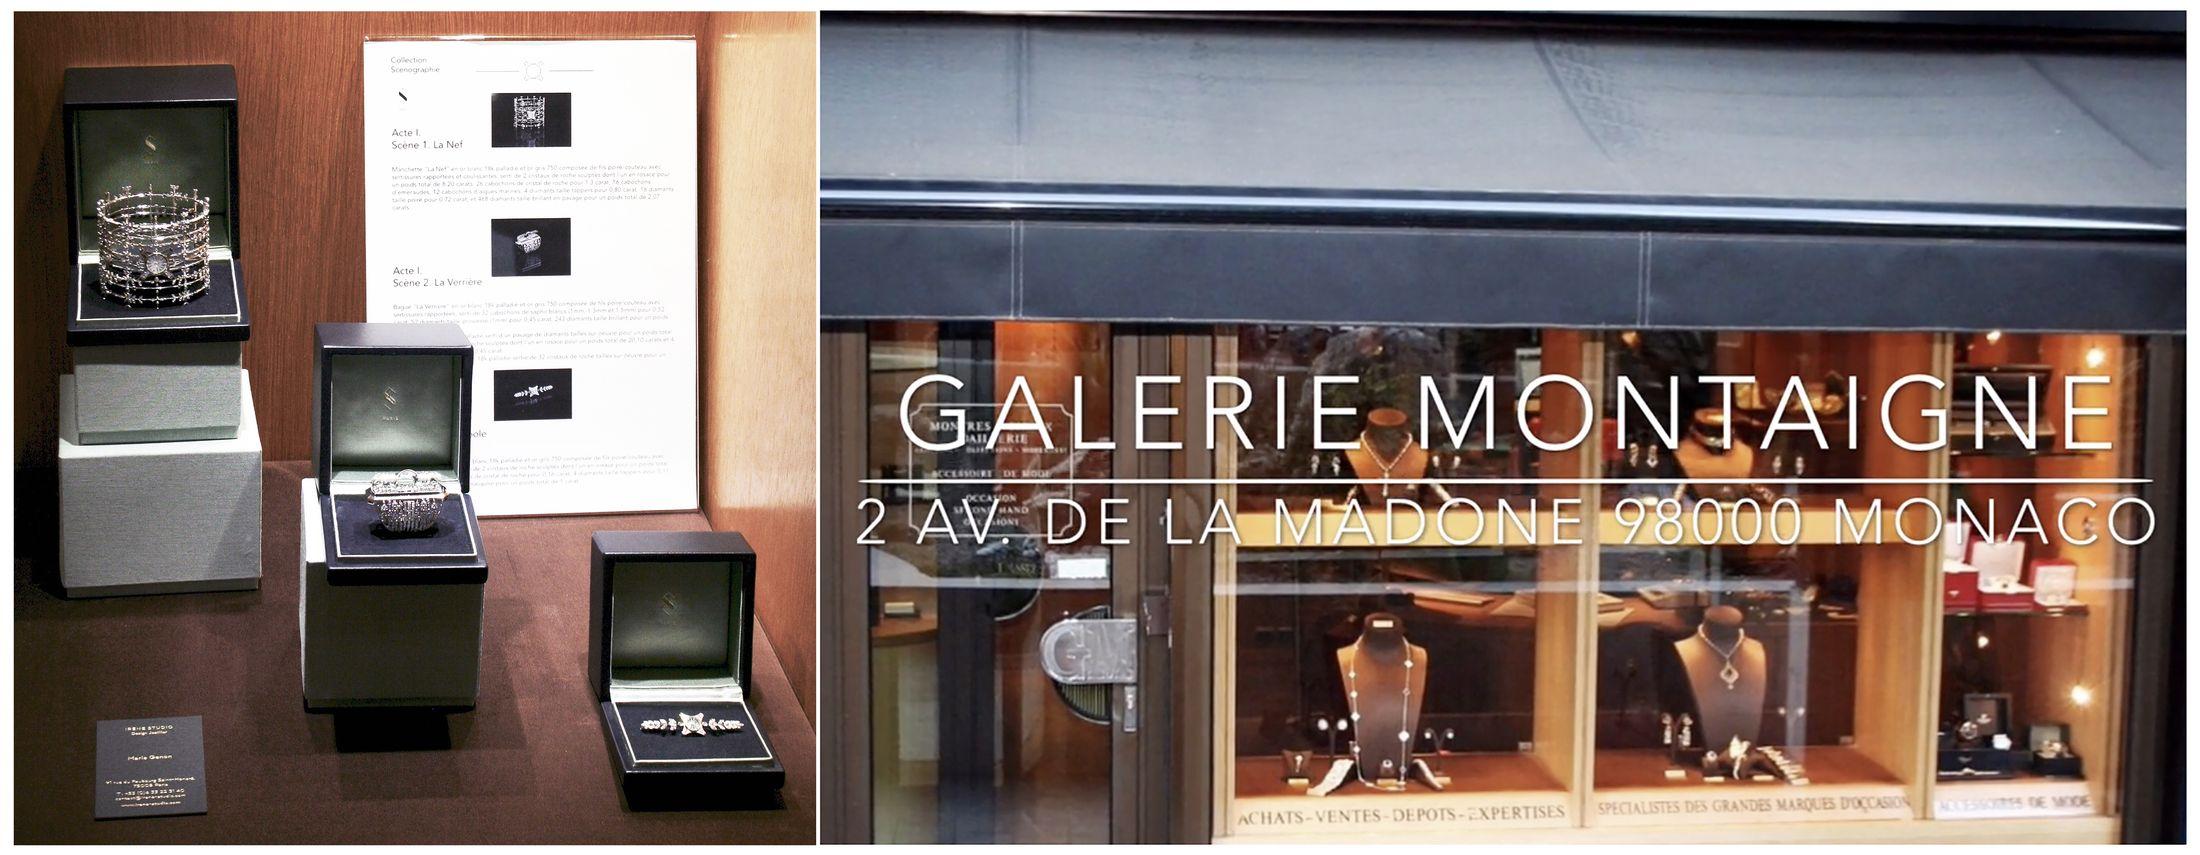 Galerie Montaigne showcase Irène paris